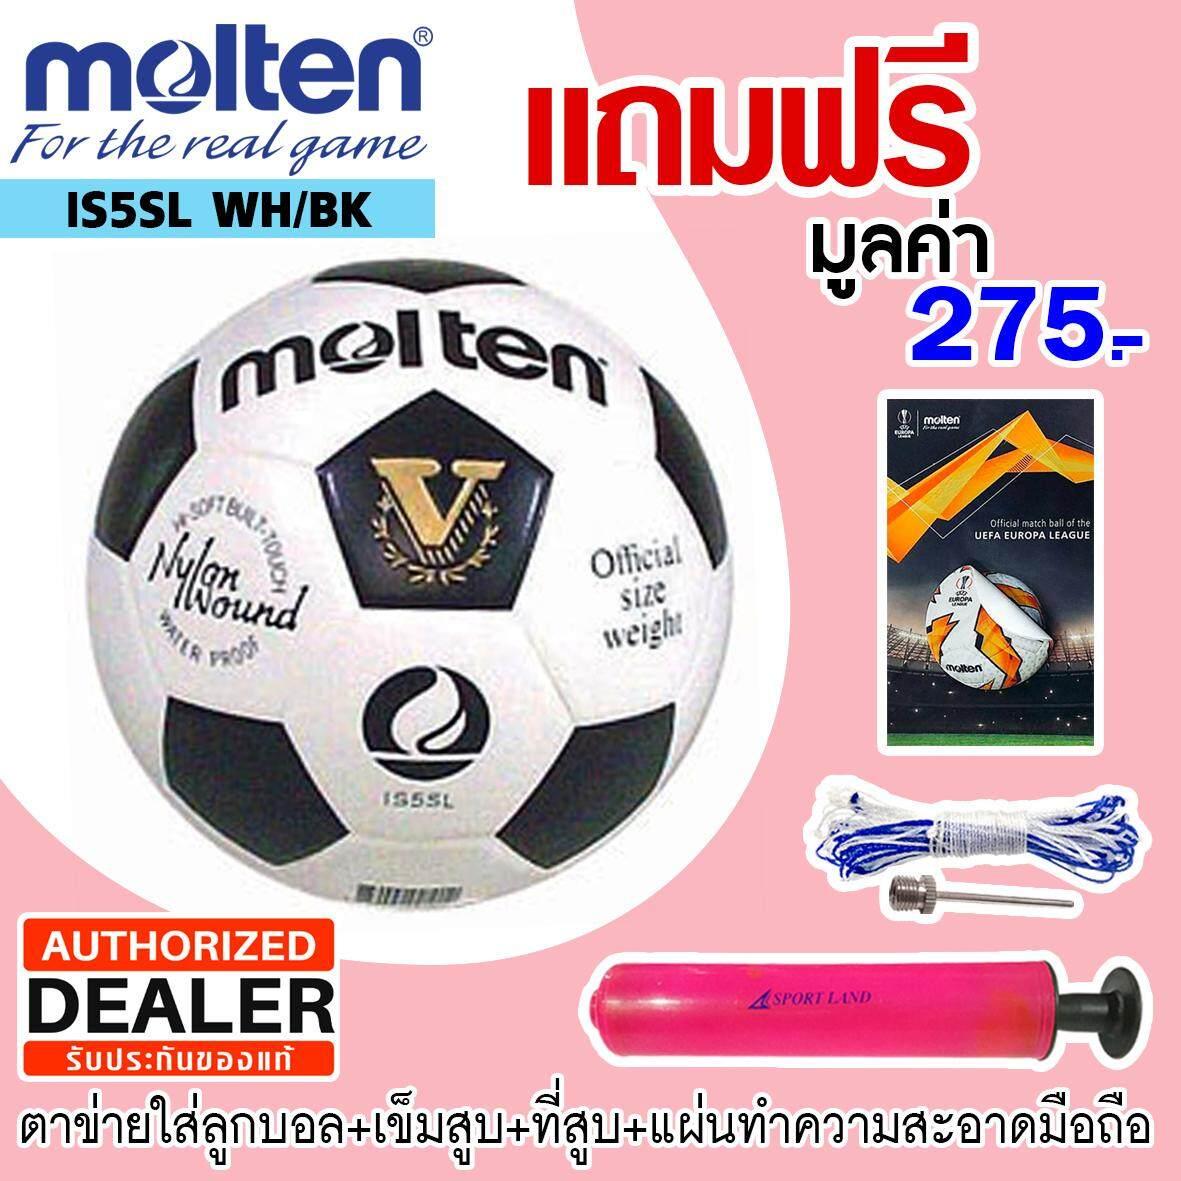 การใช้งาน  MOLTEN ฟุตบอลFootball MOT PU IS5SL WH/BK เบอร์5 แถมฟรี ตาข่ายใส่ลูกฟุตบอล + เข็มสูบลม + สูบมือ SPL รุ่น SL6 สีชมพู + แผ่นทำความสะอาดมือถือ